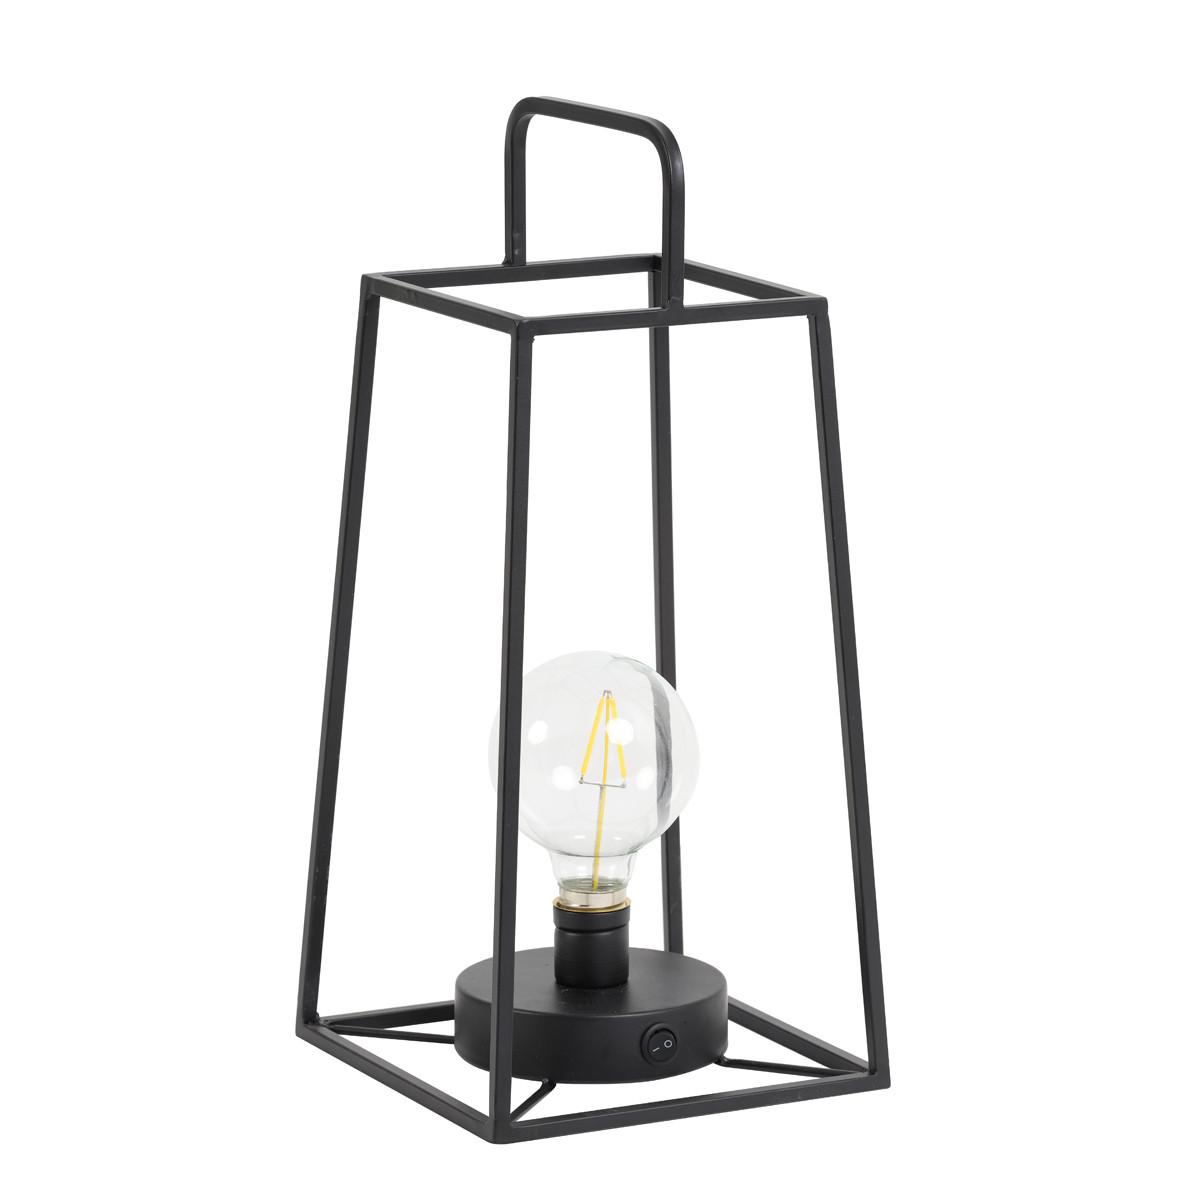 Tafellamp Fauve mat zwart met lamp